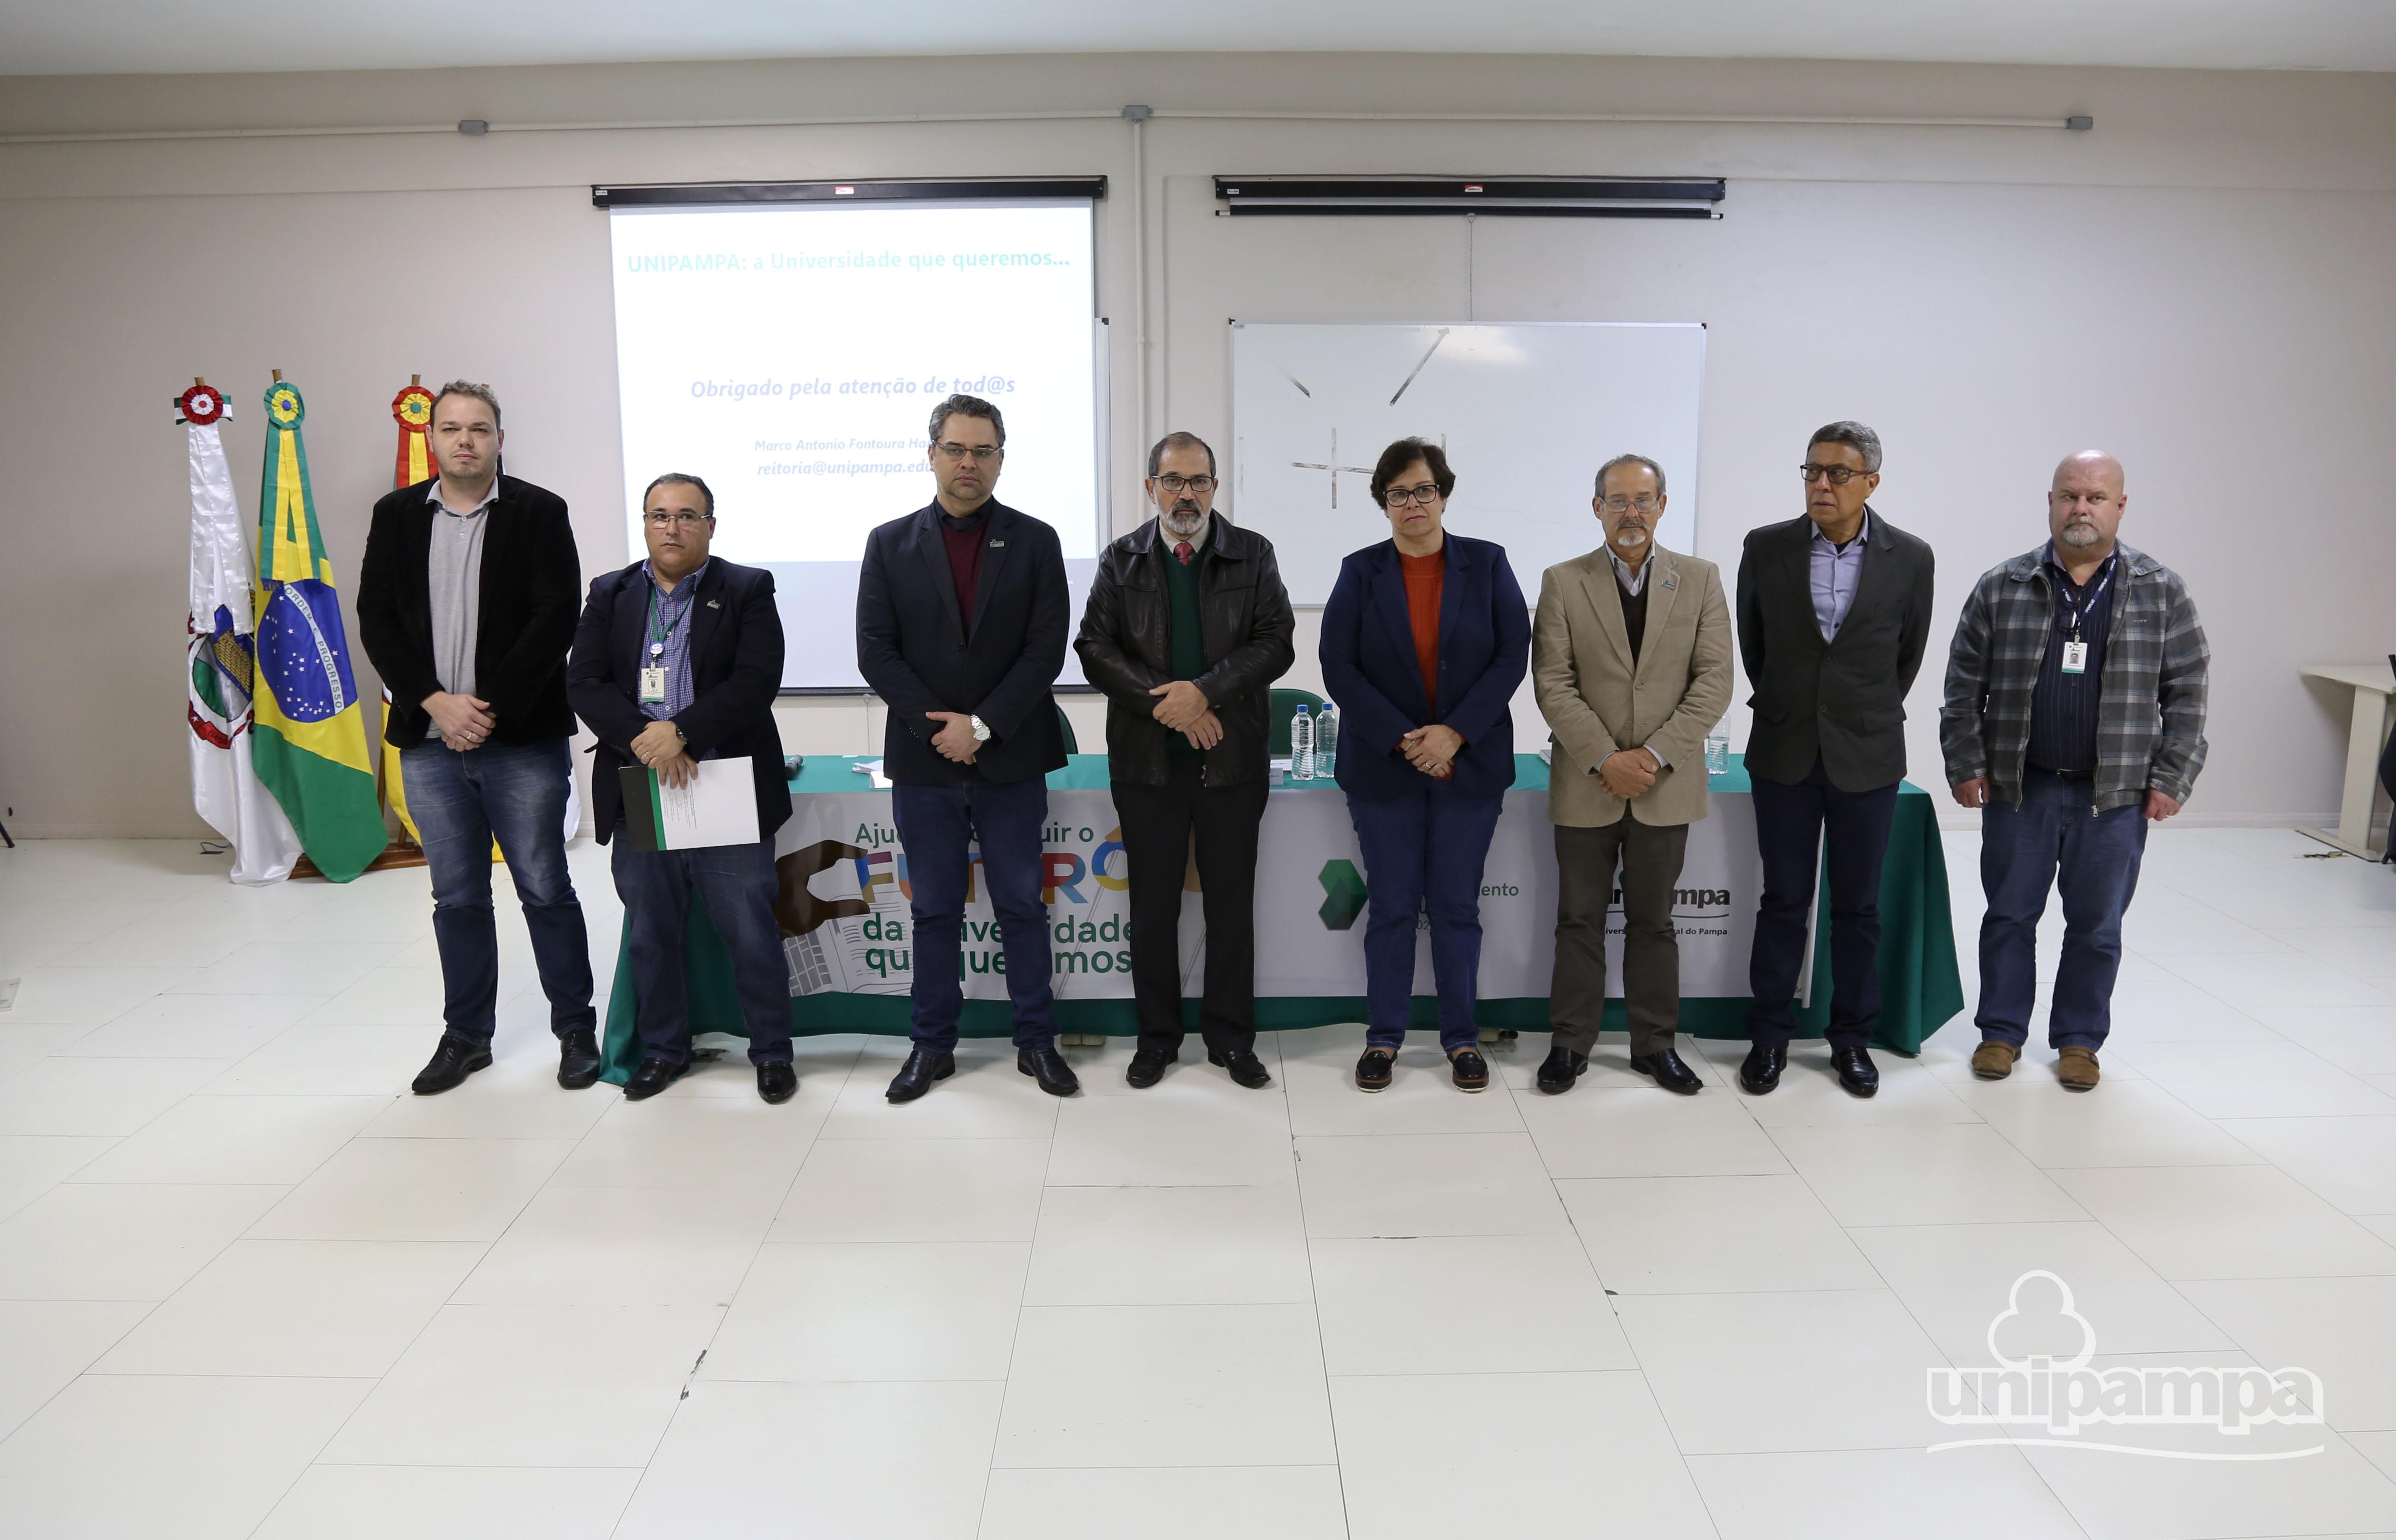 Comissão Central de Elaboração do PDI foi apresentada a comunidade universitário. Foto: Ronaldo Estevam